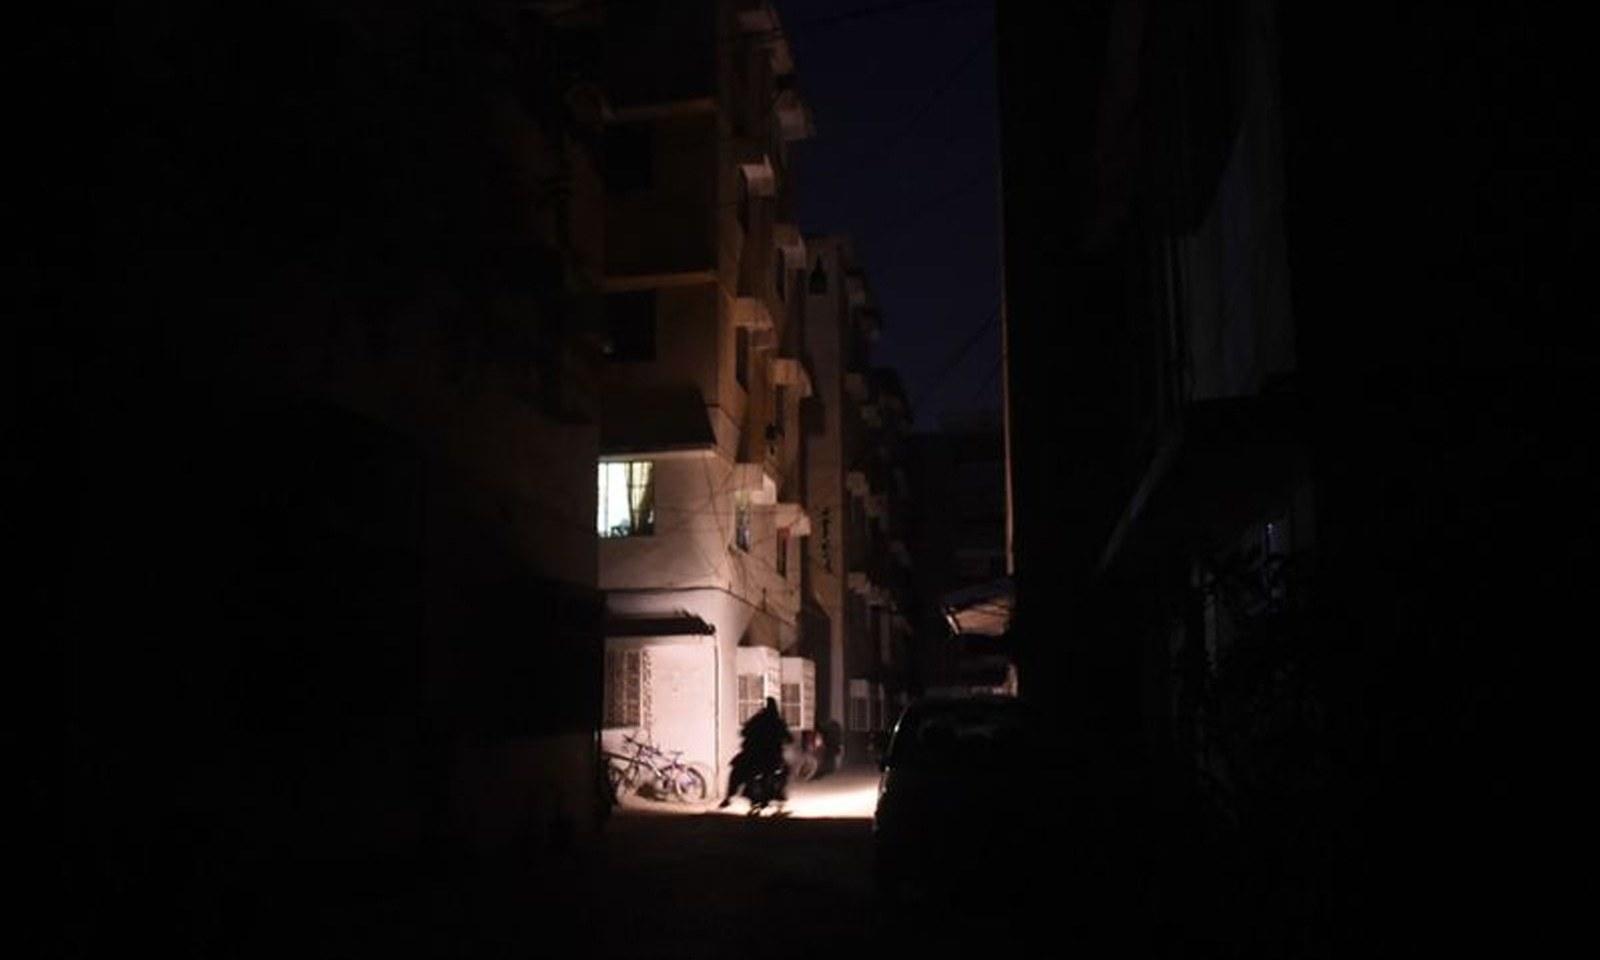 پاکستان بھر میں بجلی کا بریک ڈاؤن